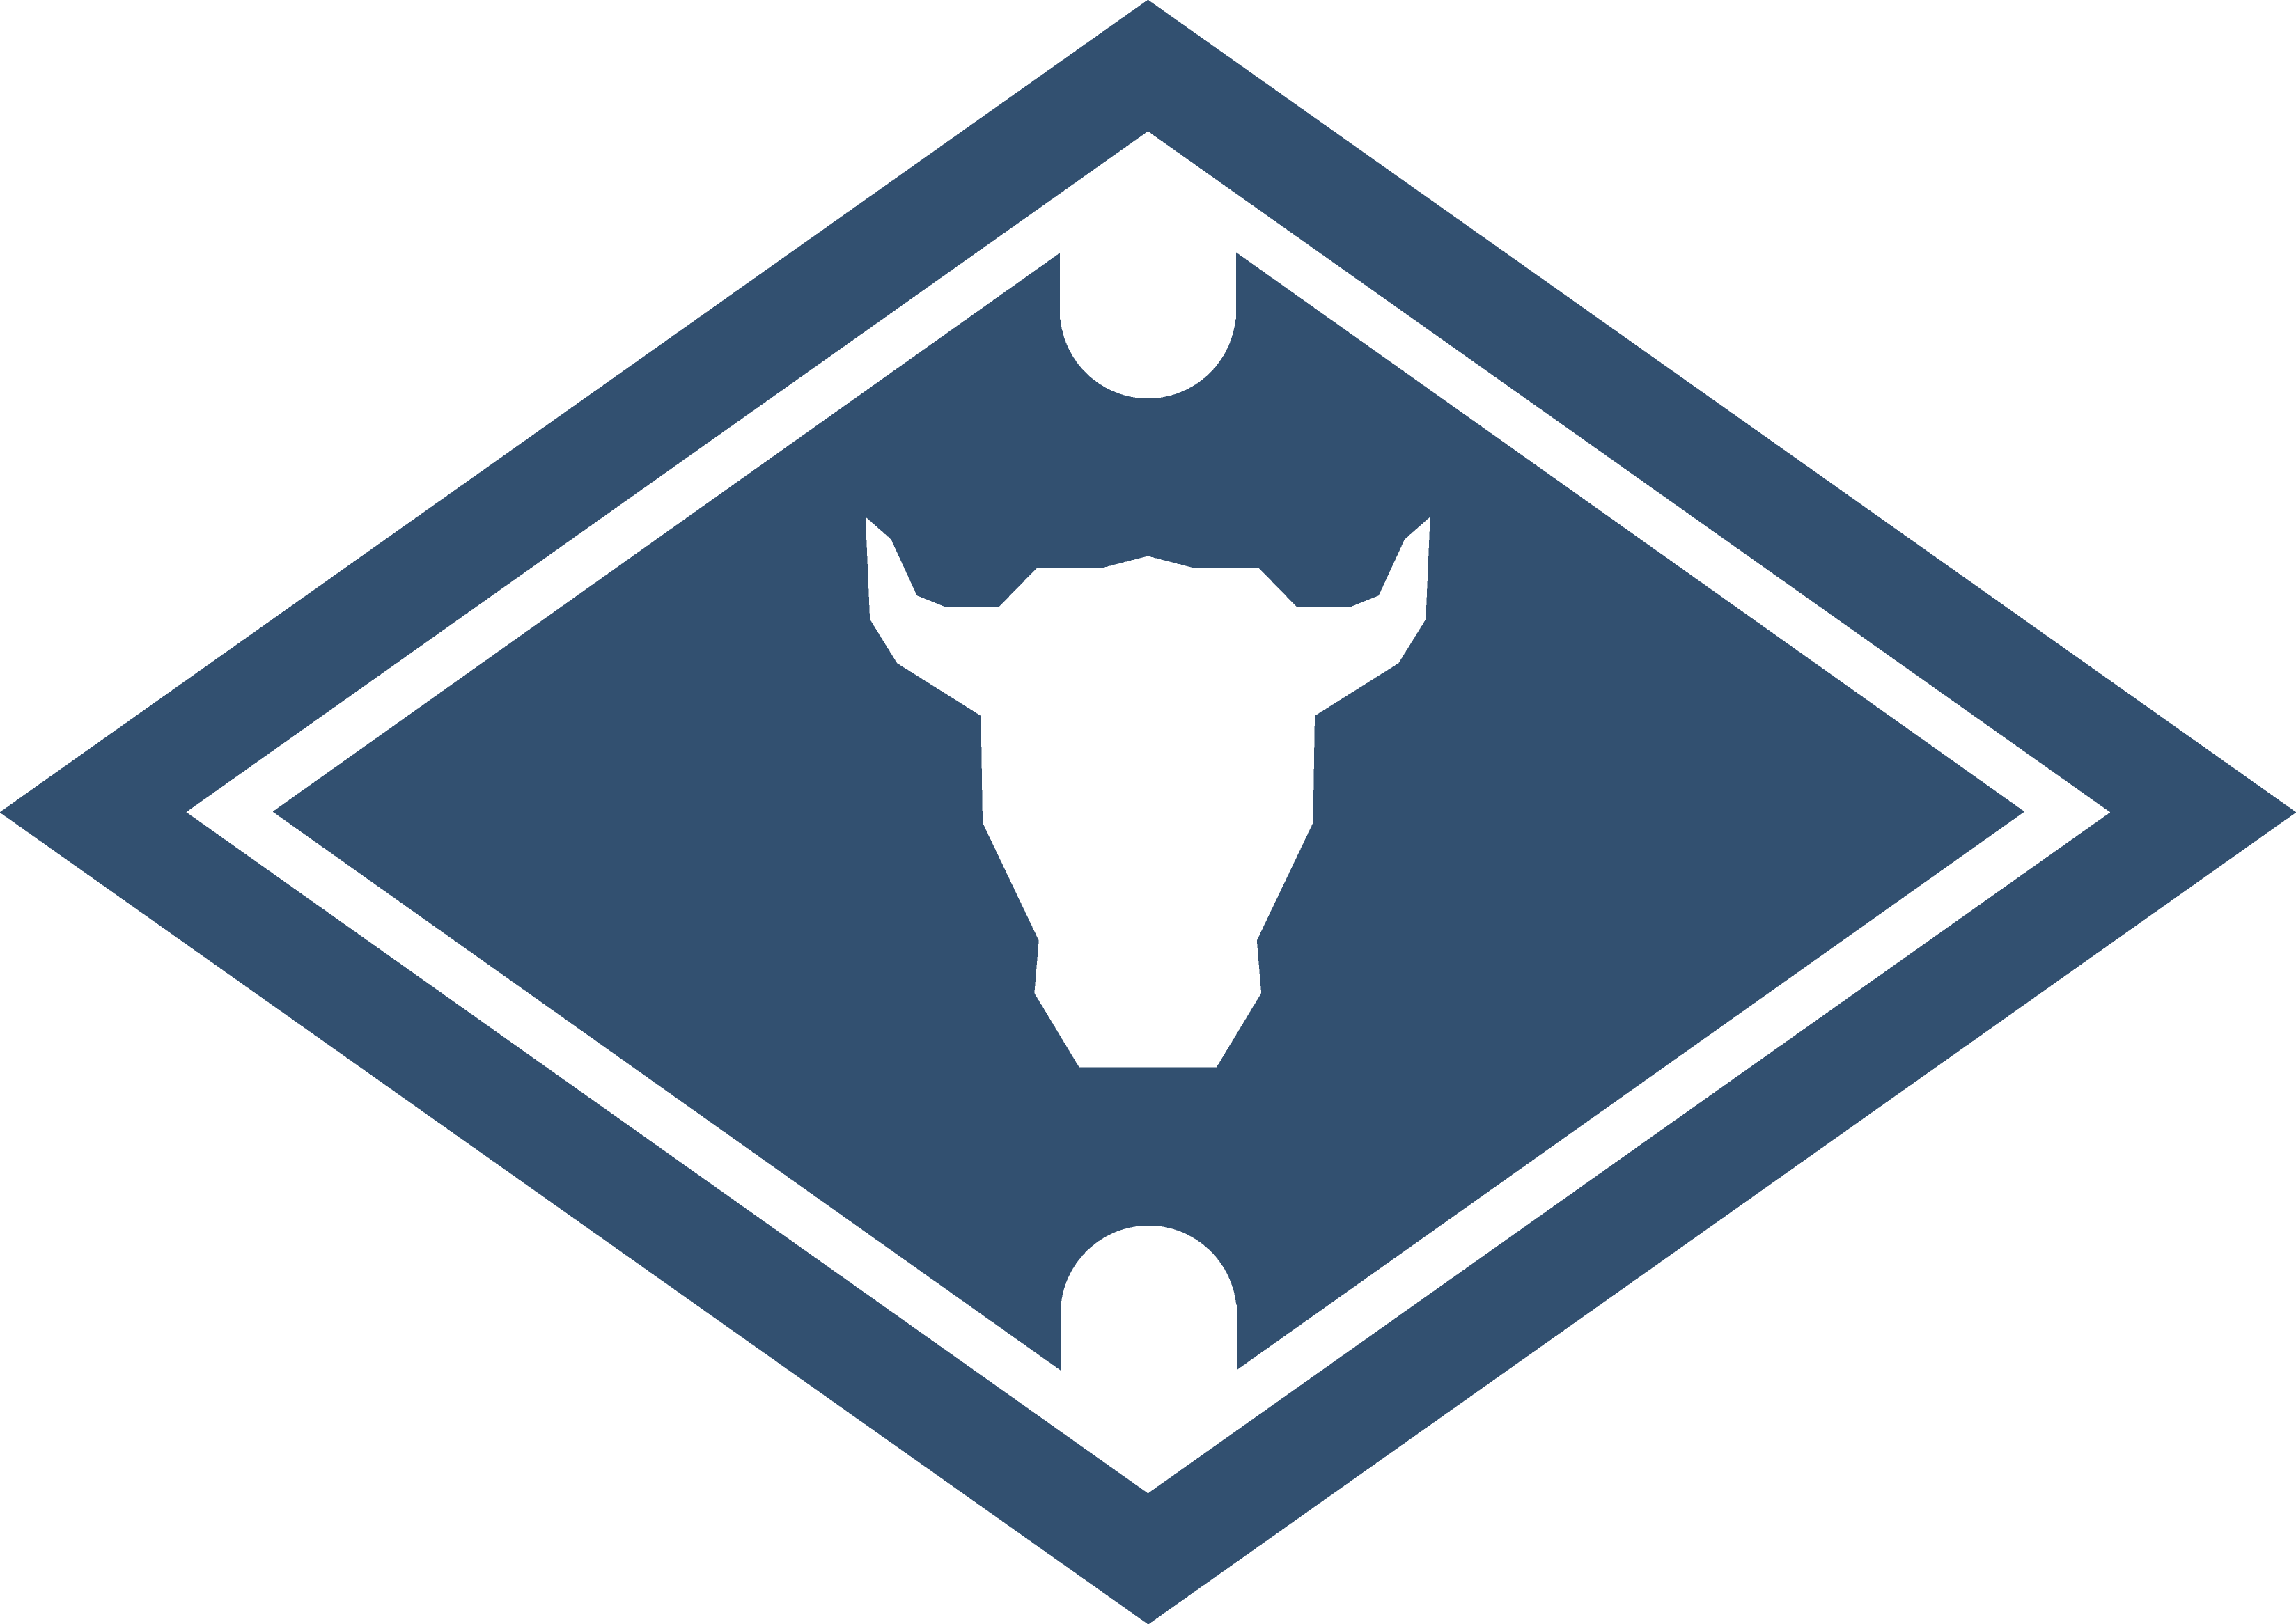 hkn logo